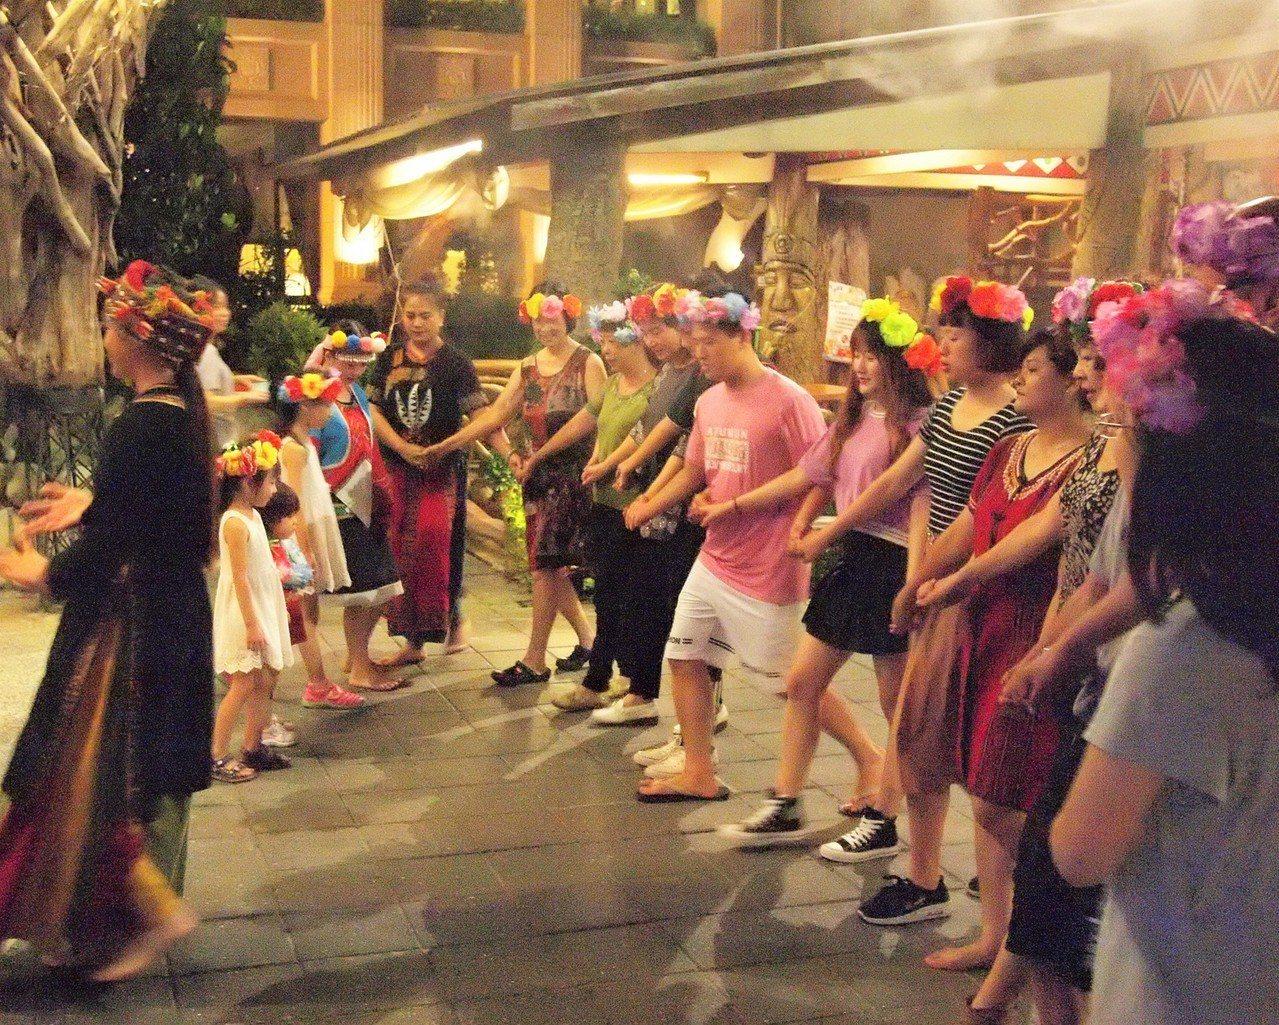 (圖/台灣旅行趣) ▲晚上吃飽後還可以參加原民的活動表演